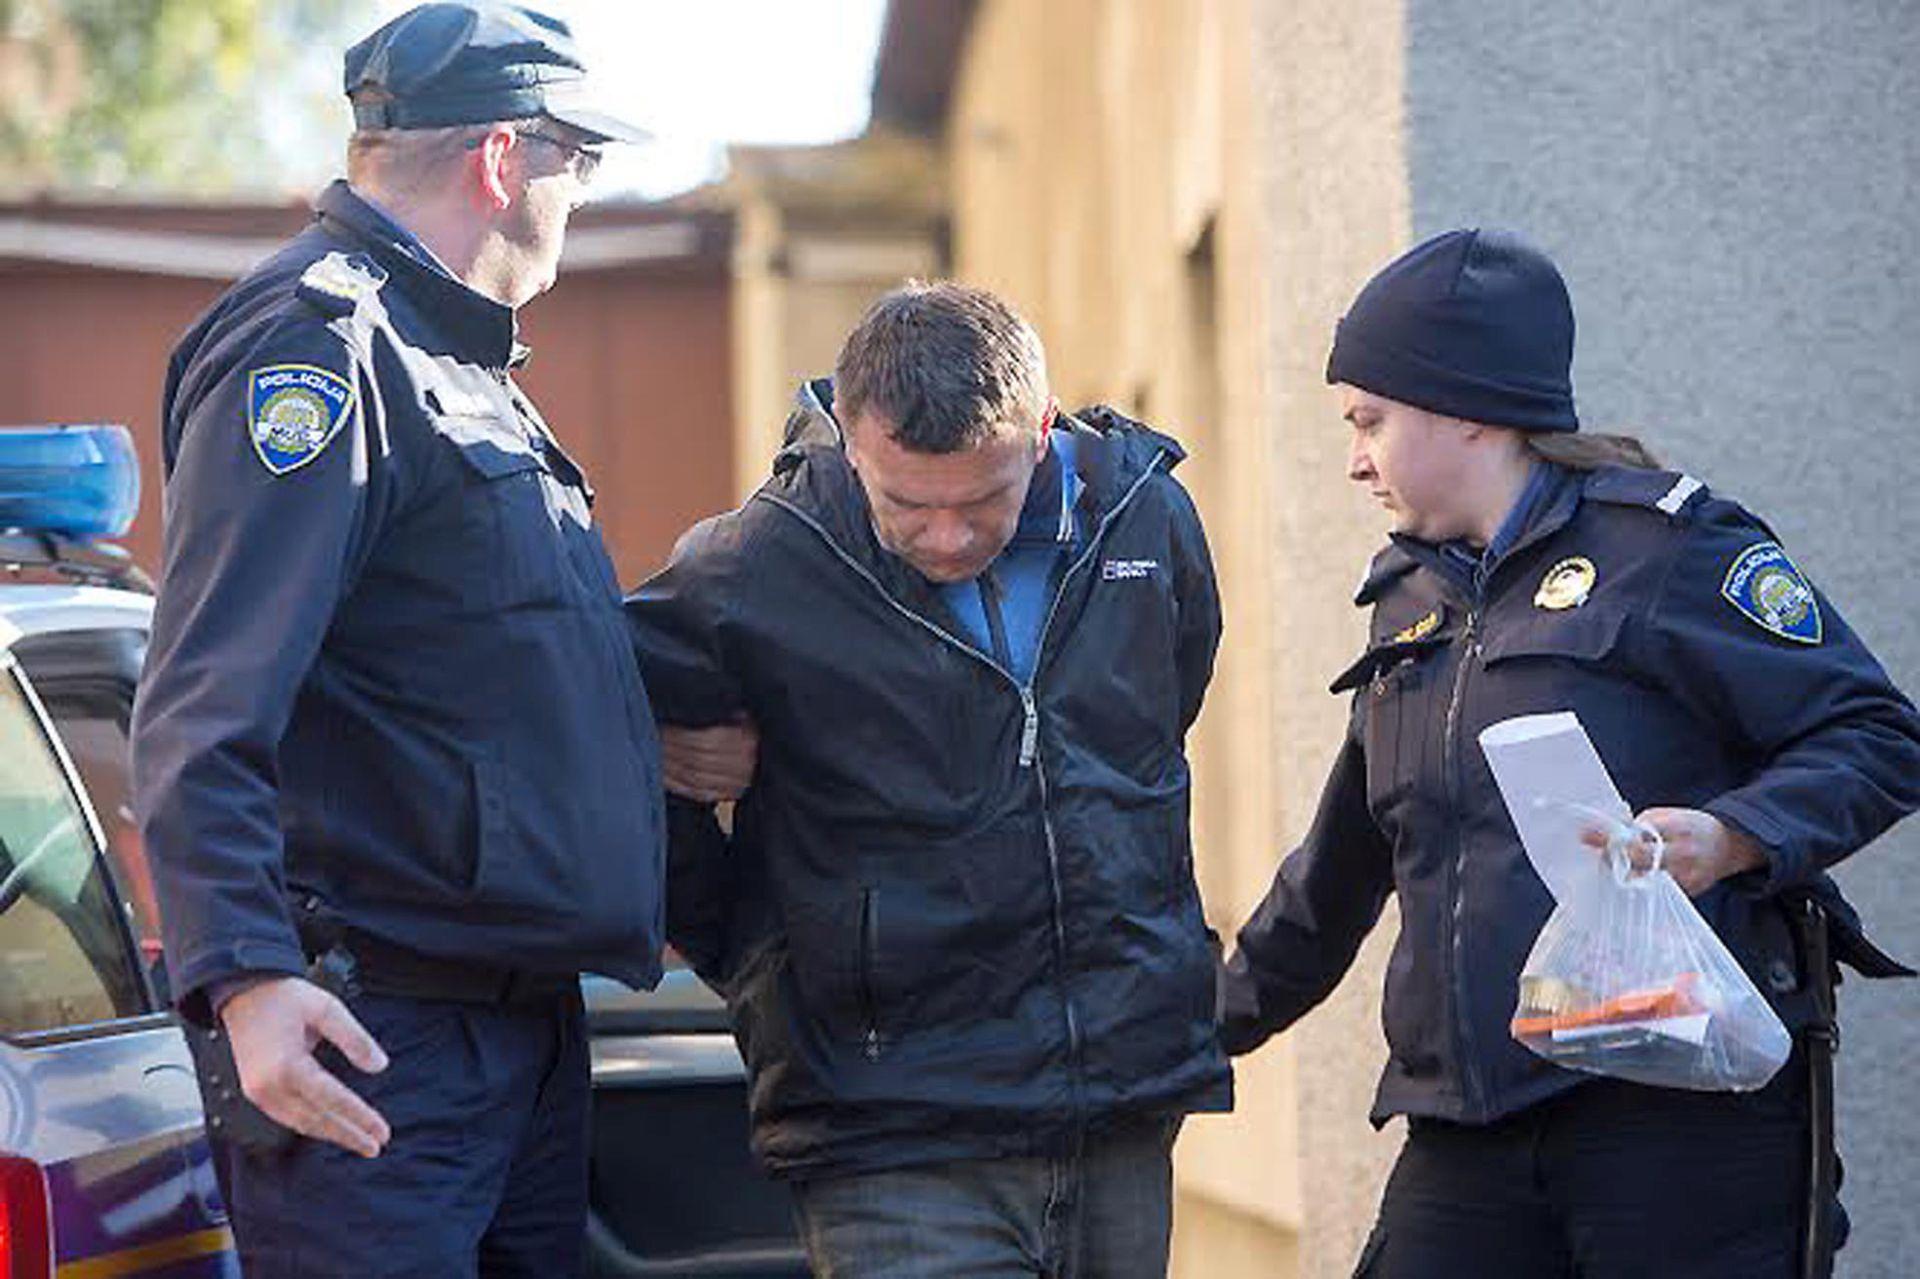 U PRITVORU NAKON 10 GODINA: Osumnjičenik za smrt sestara Filipović zadržan u istražnom zatvoru